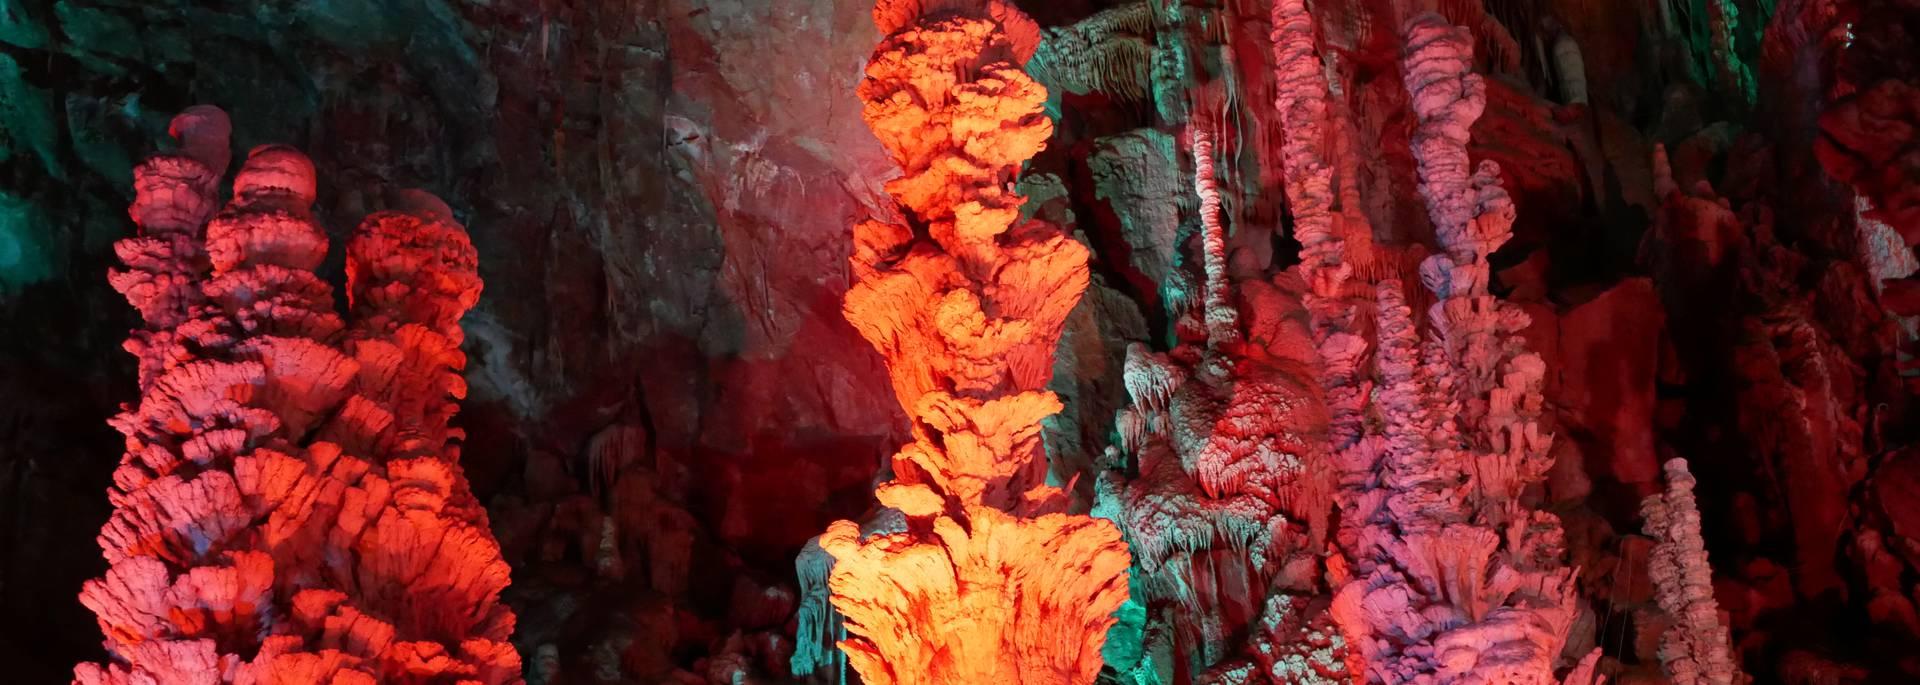 La grotte de l'Aven Armand